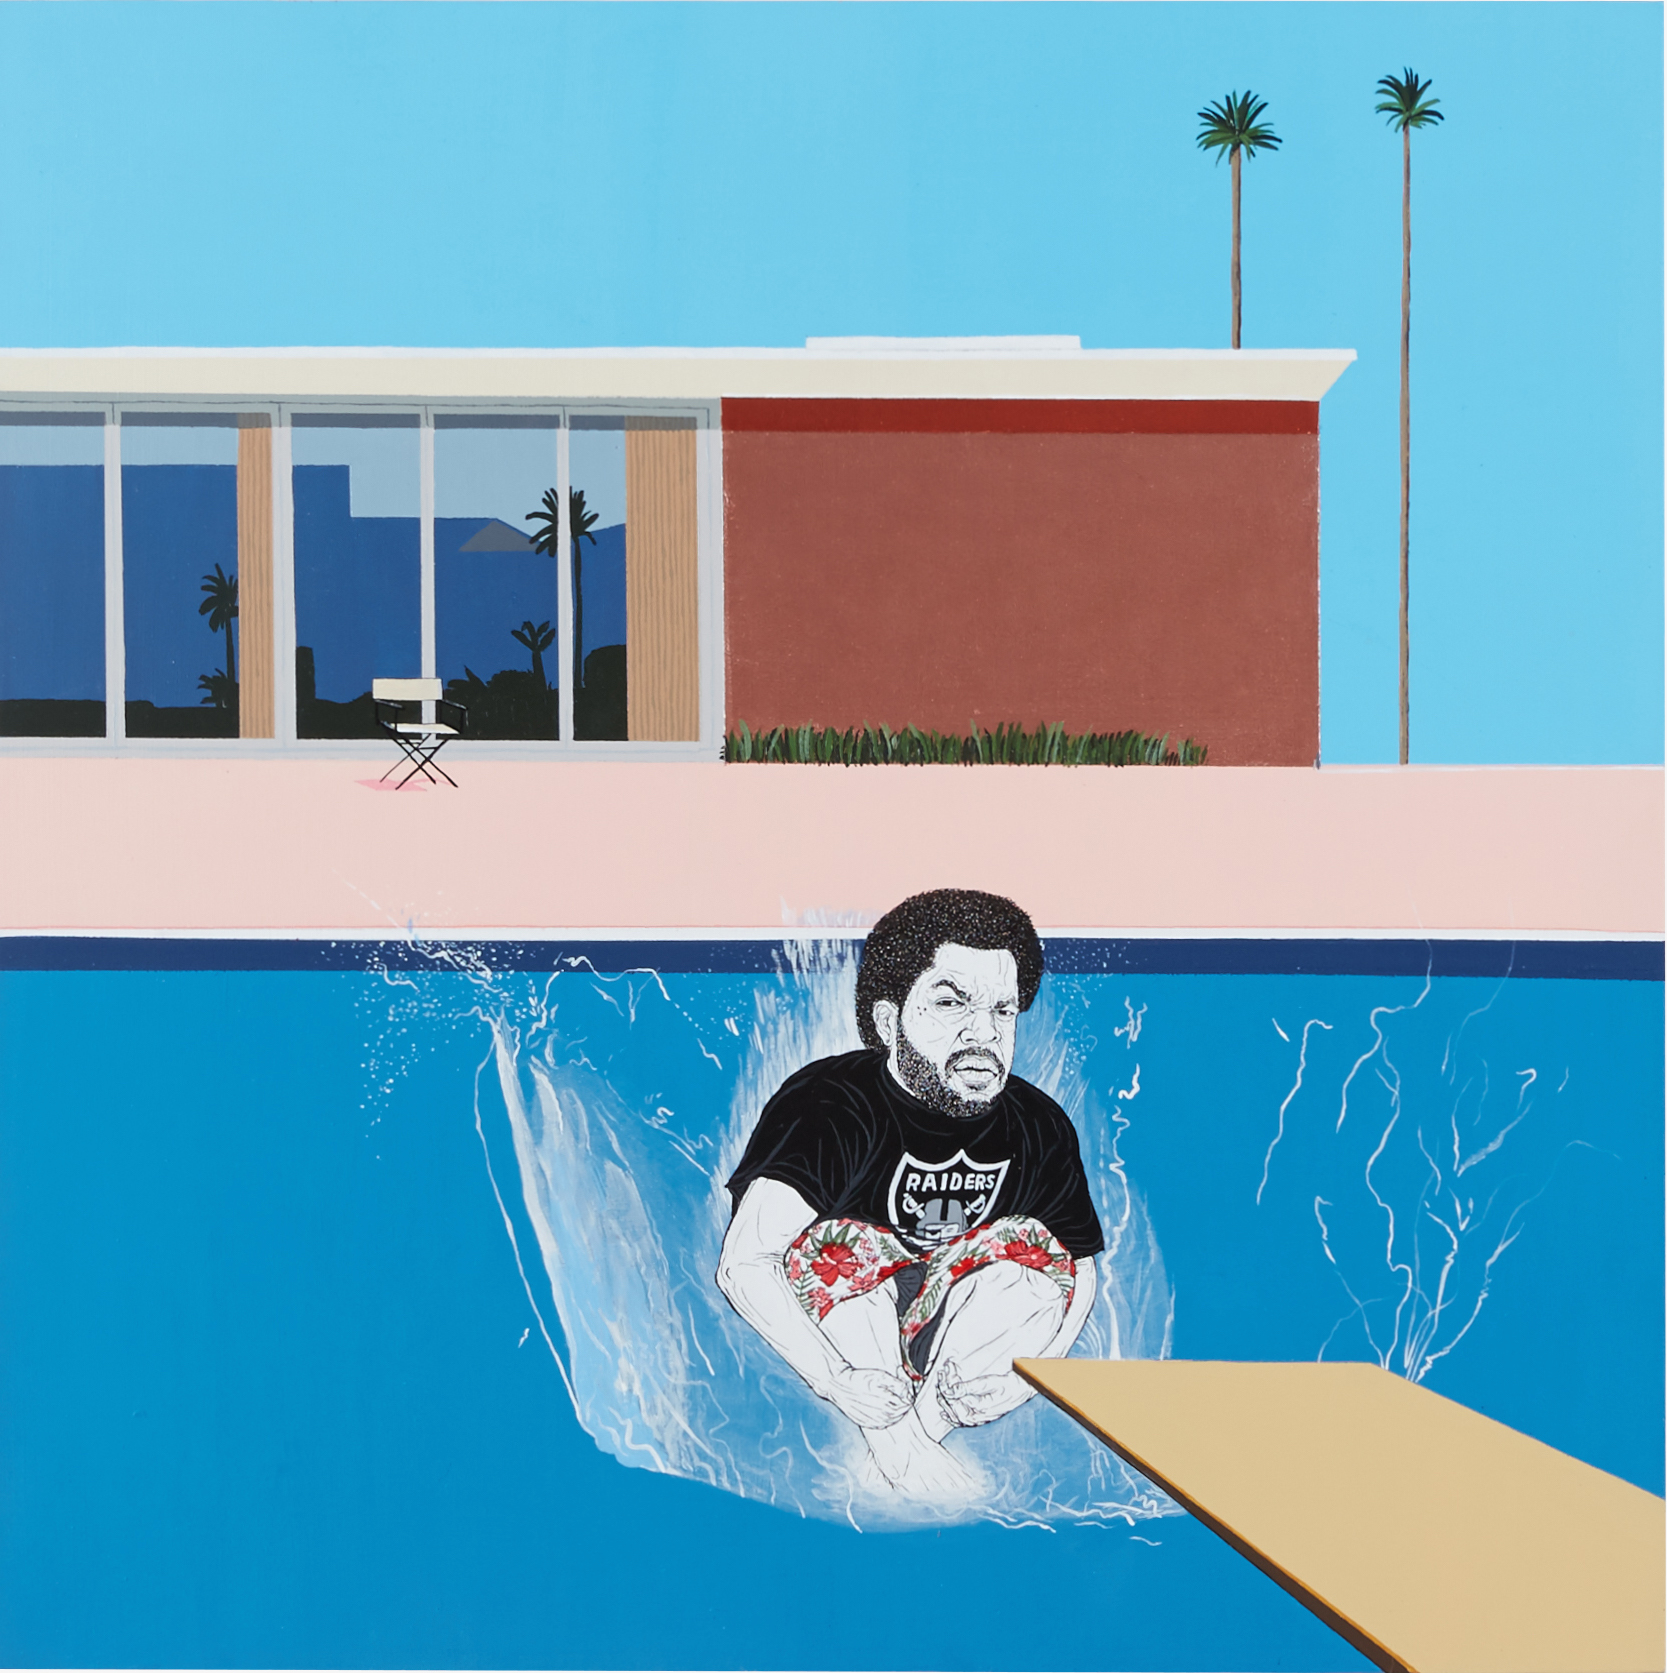 Ice Hockney - Justin Hager.jpg